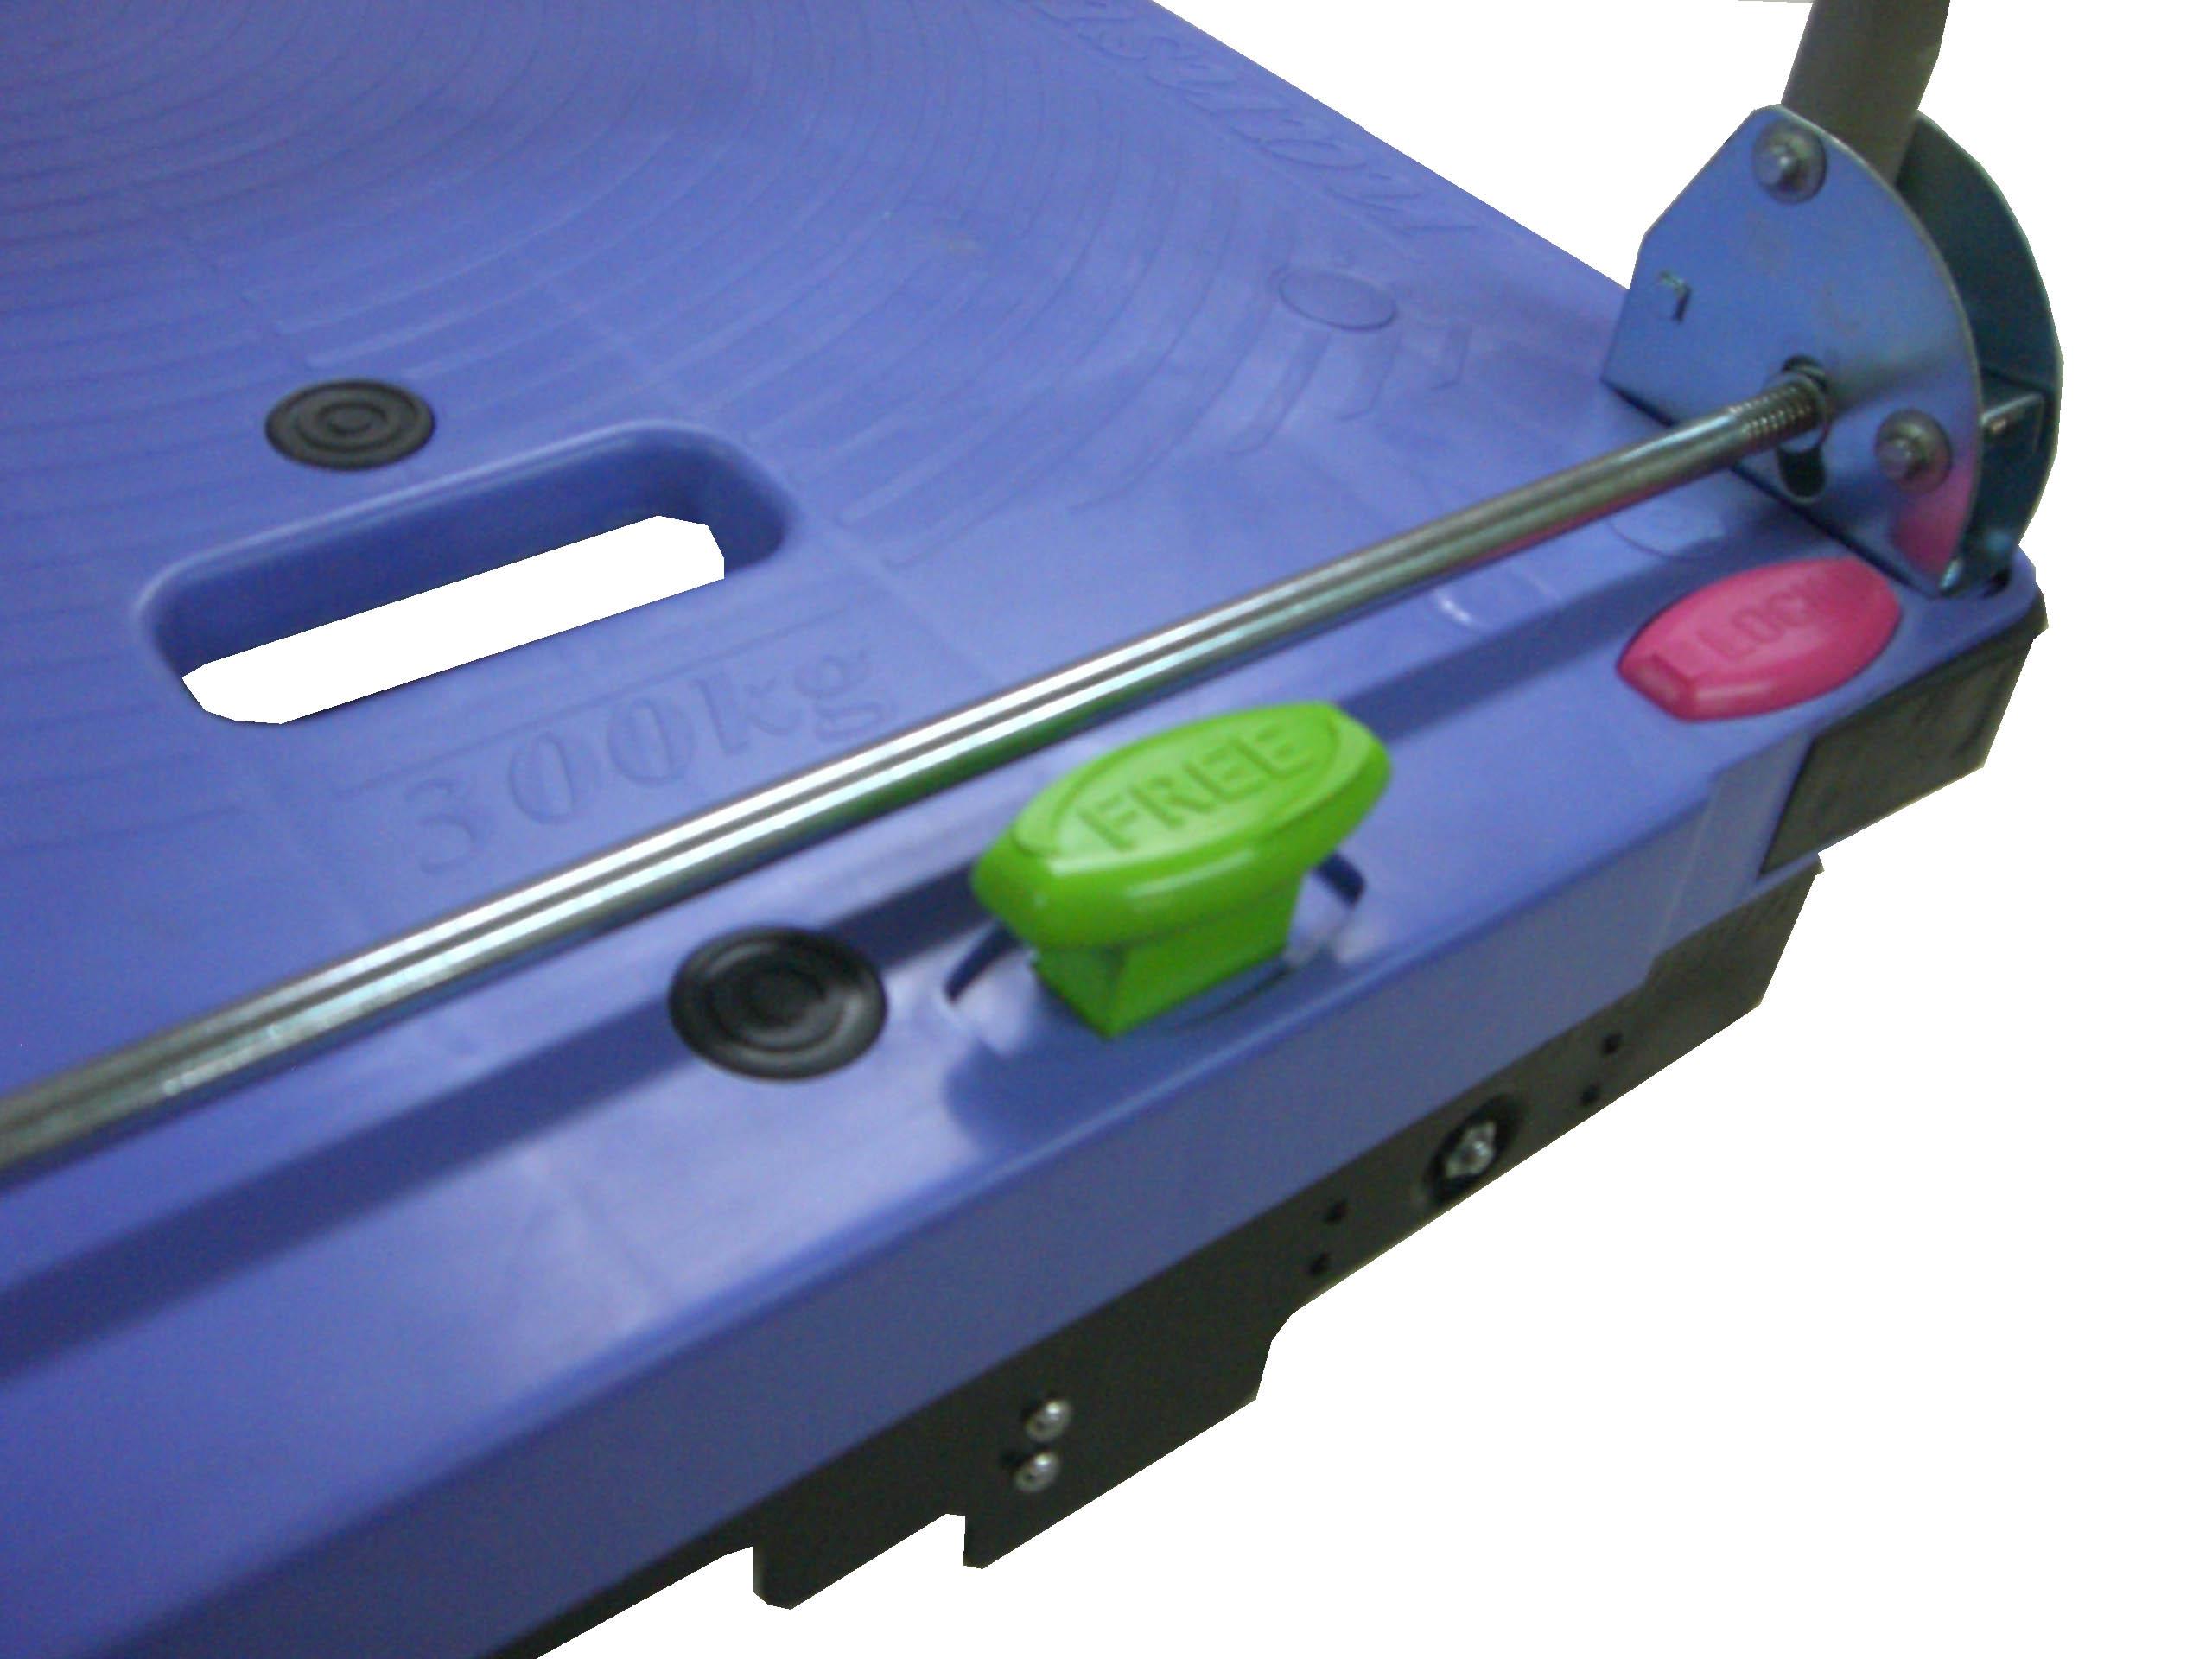 ナンシン レスキューキャリーSONAE DSK-R301B2 樹脂製ハンドル折りたたみ台車スペシャルブレーキ付